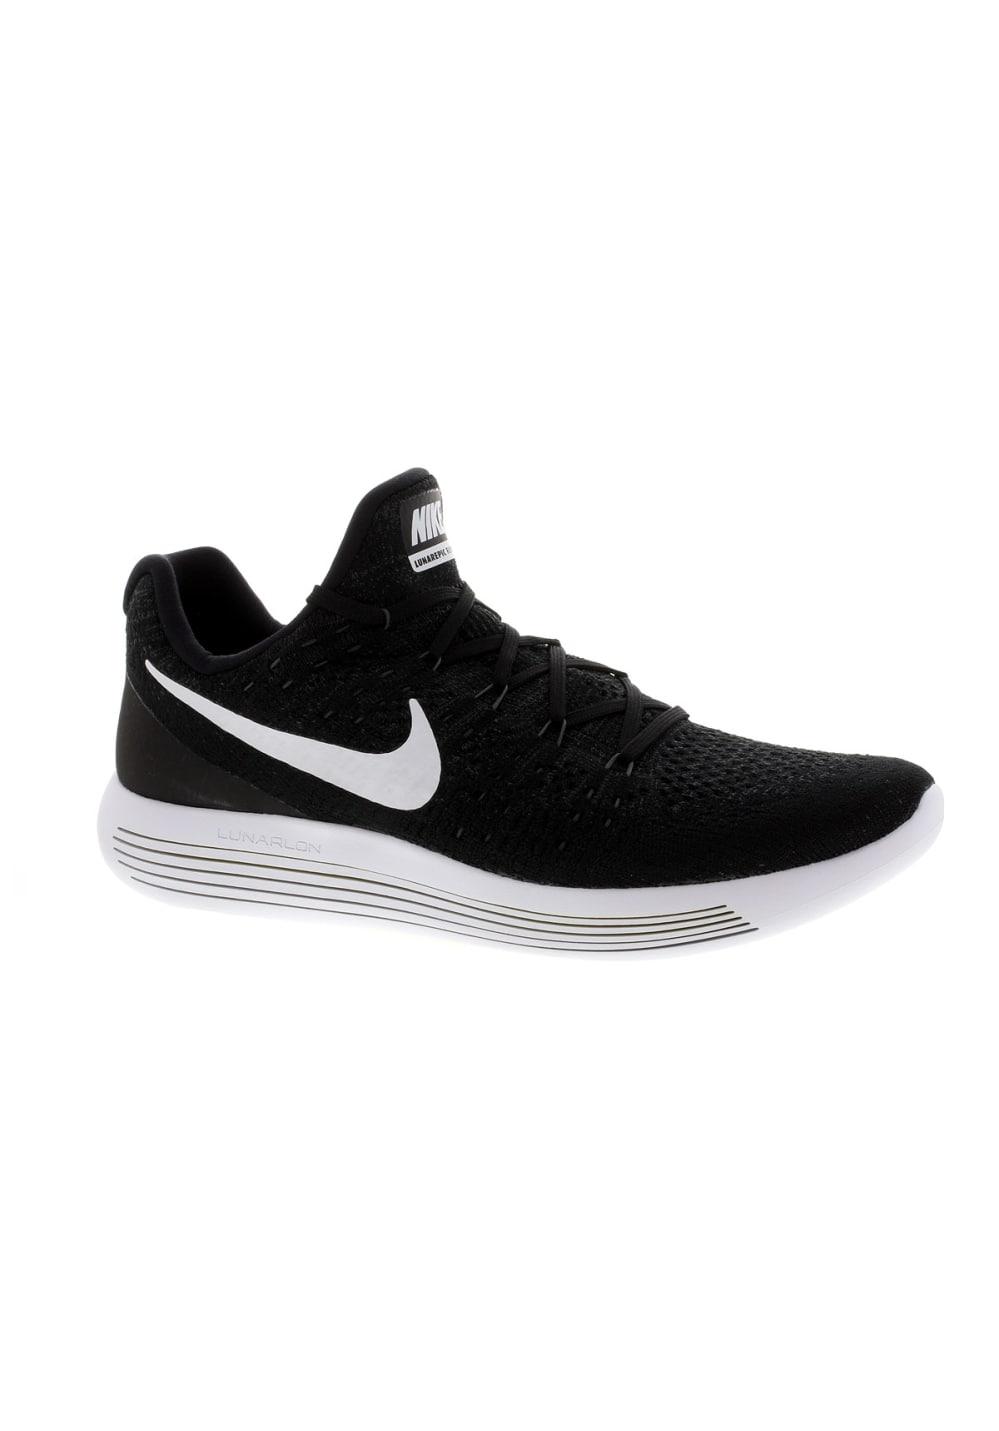 half off c6bcc 8b81b Next. -60%. Ce produit est actuellement épuisé. Nike. Lunarepic Low Flyknit  2 - Chaussures running pour Homme